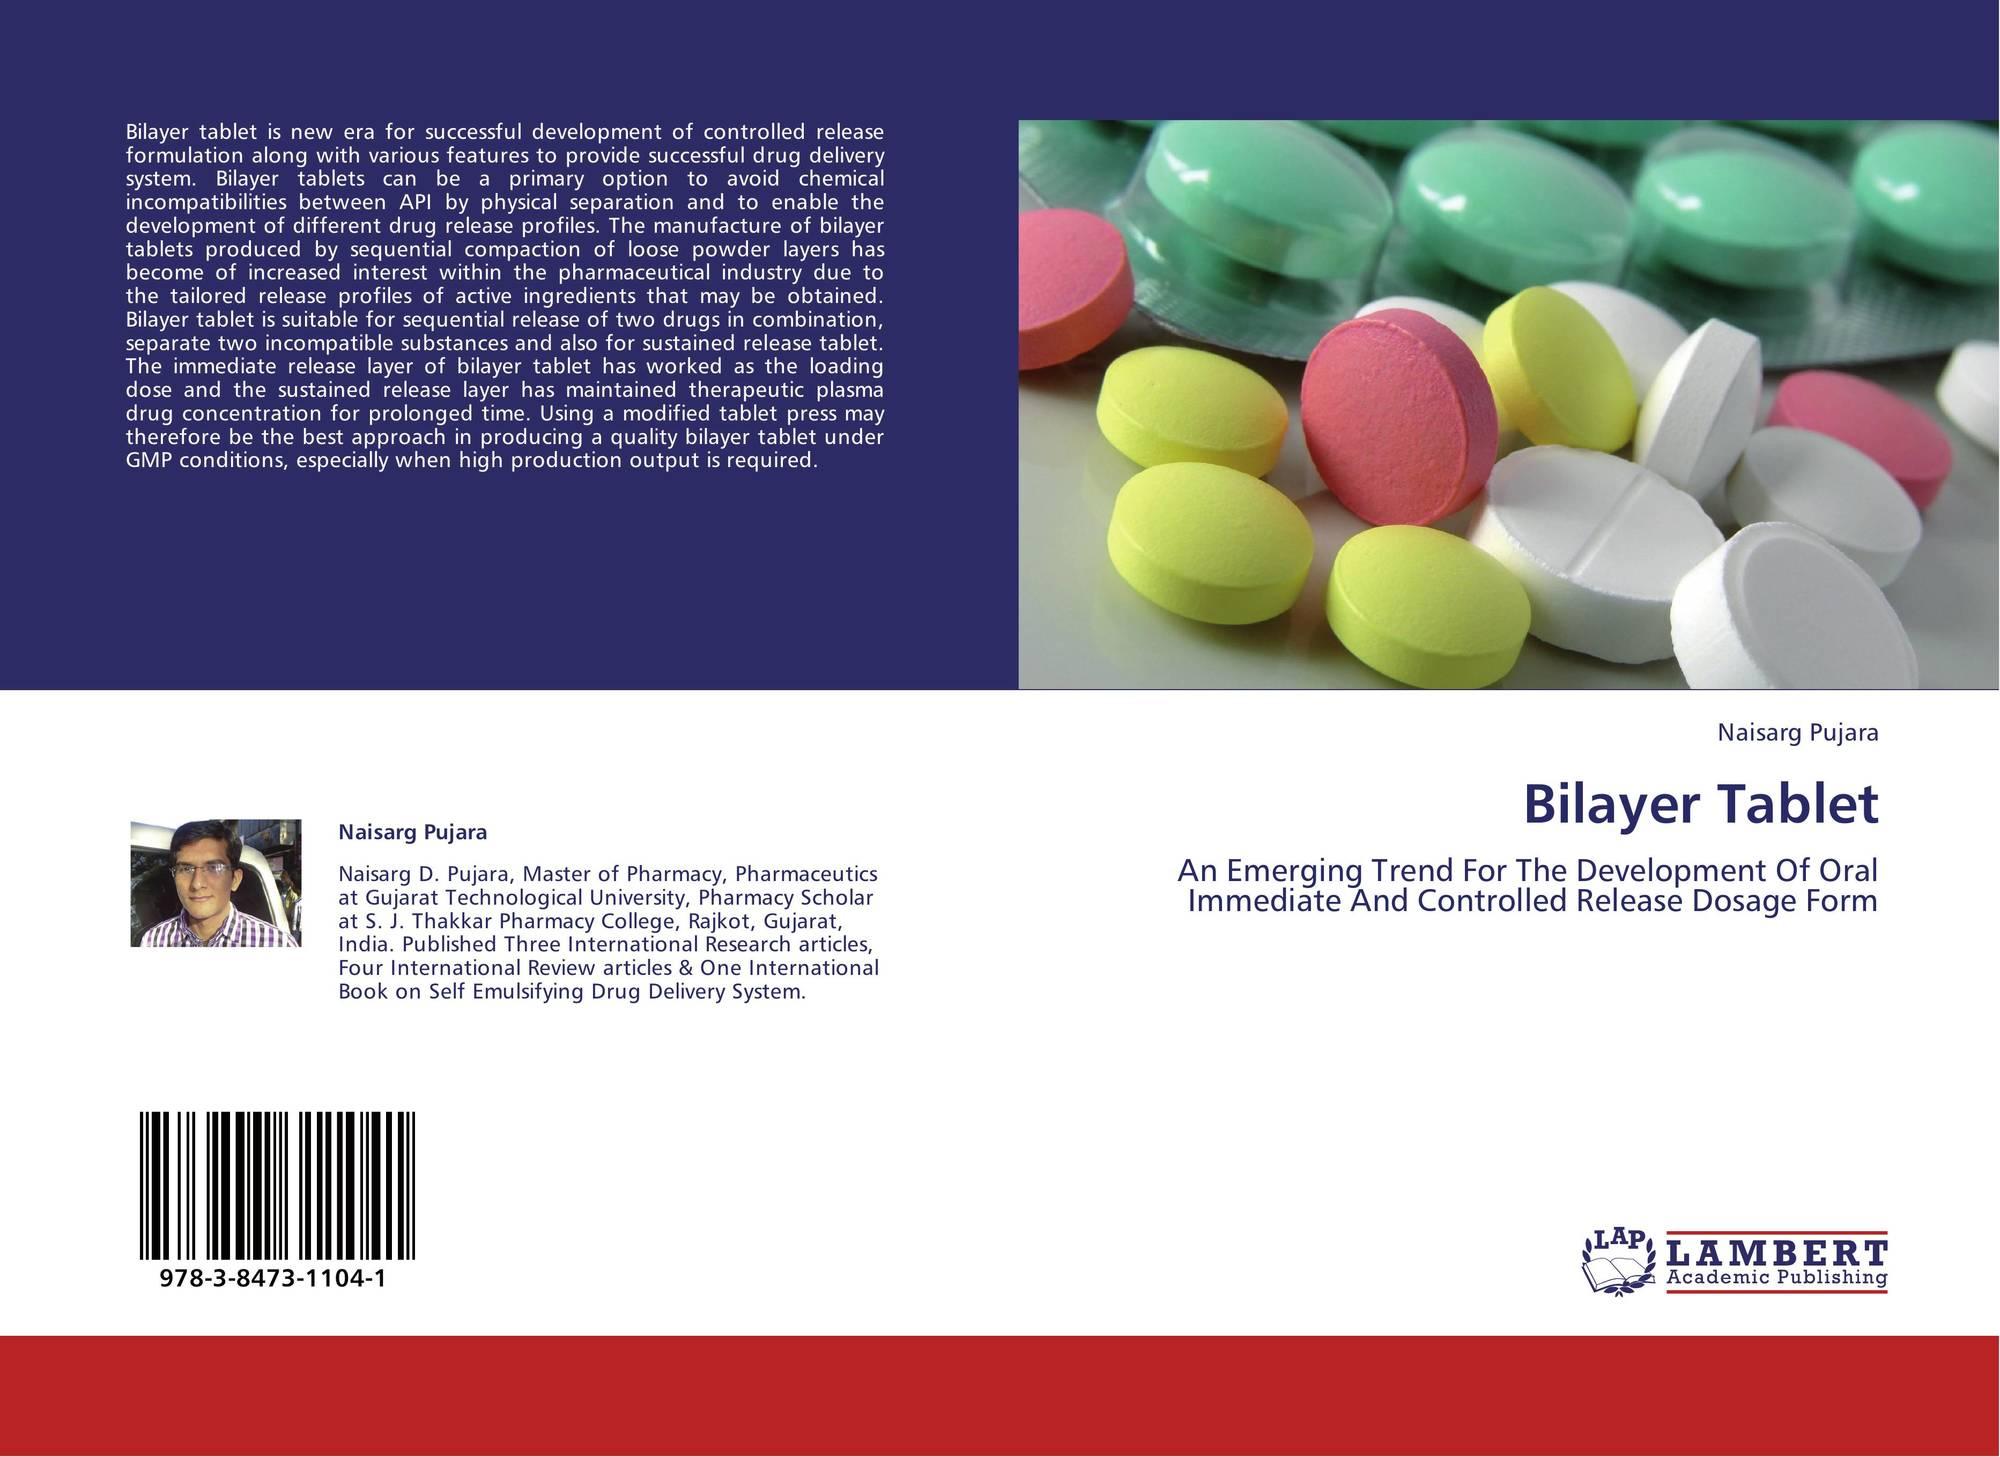 Bilayer tablet